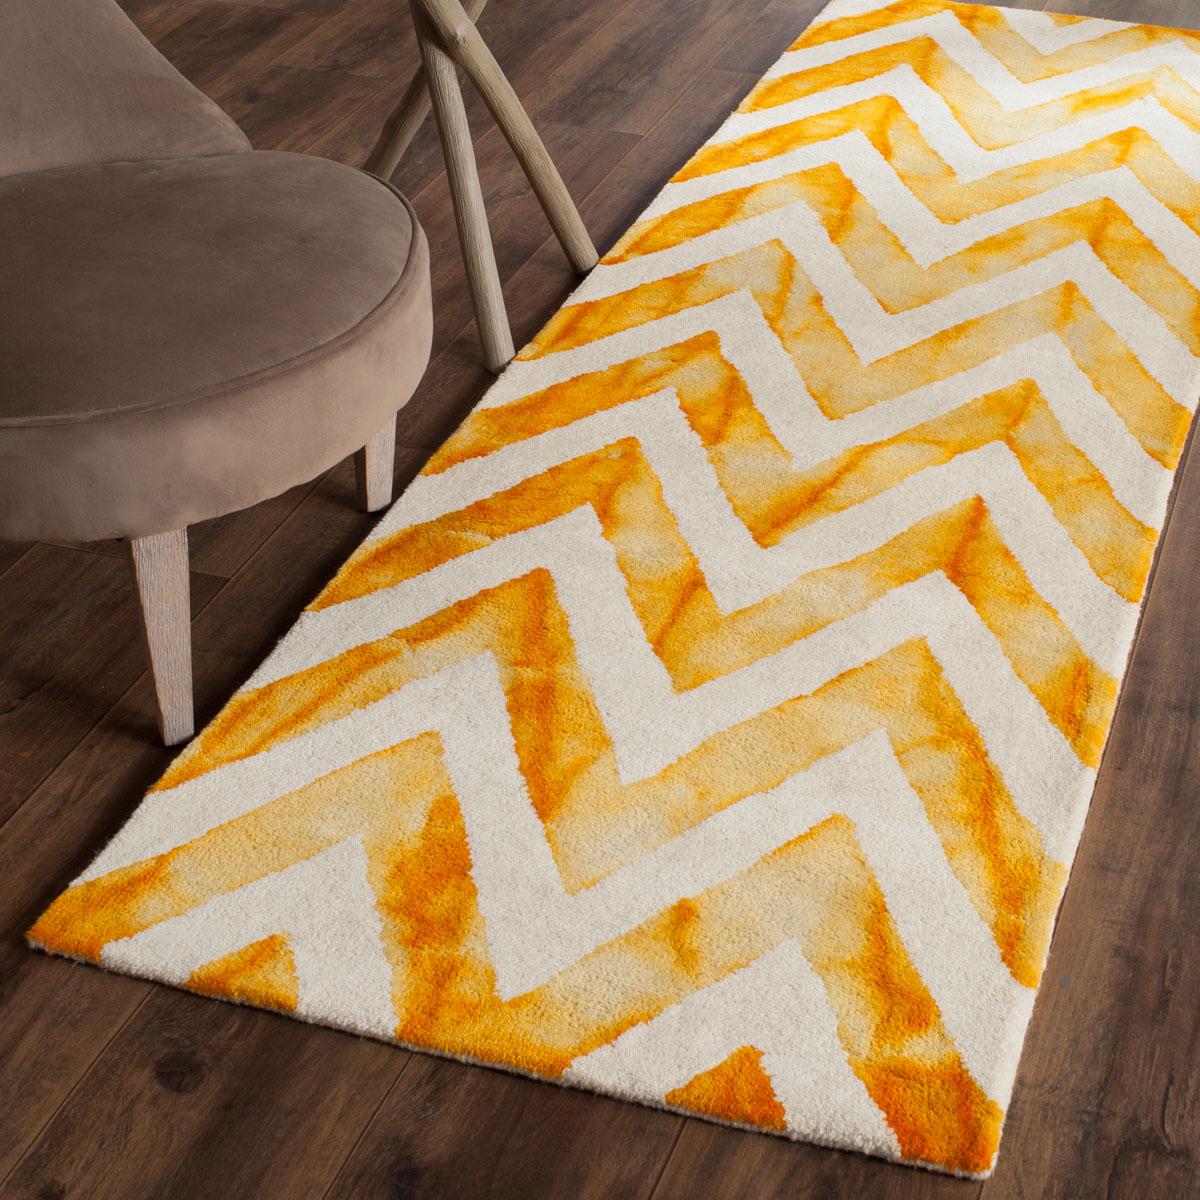 Gold Tie Dyed Carpet Dip Dye Rugs Safavieh